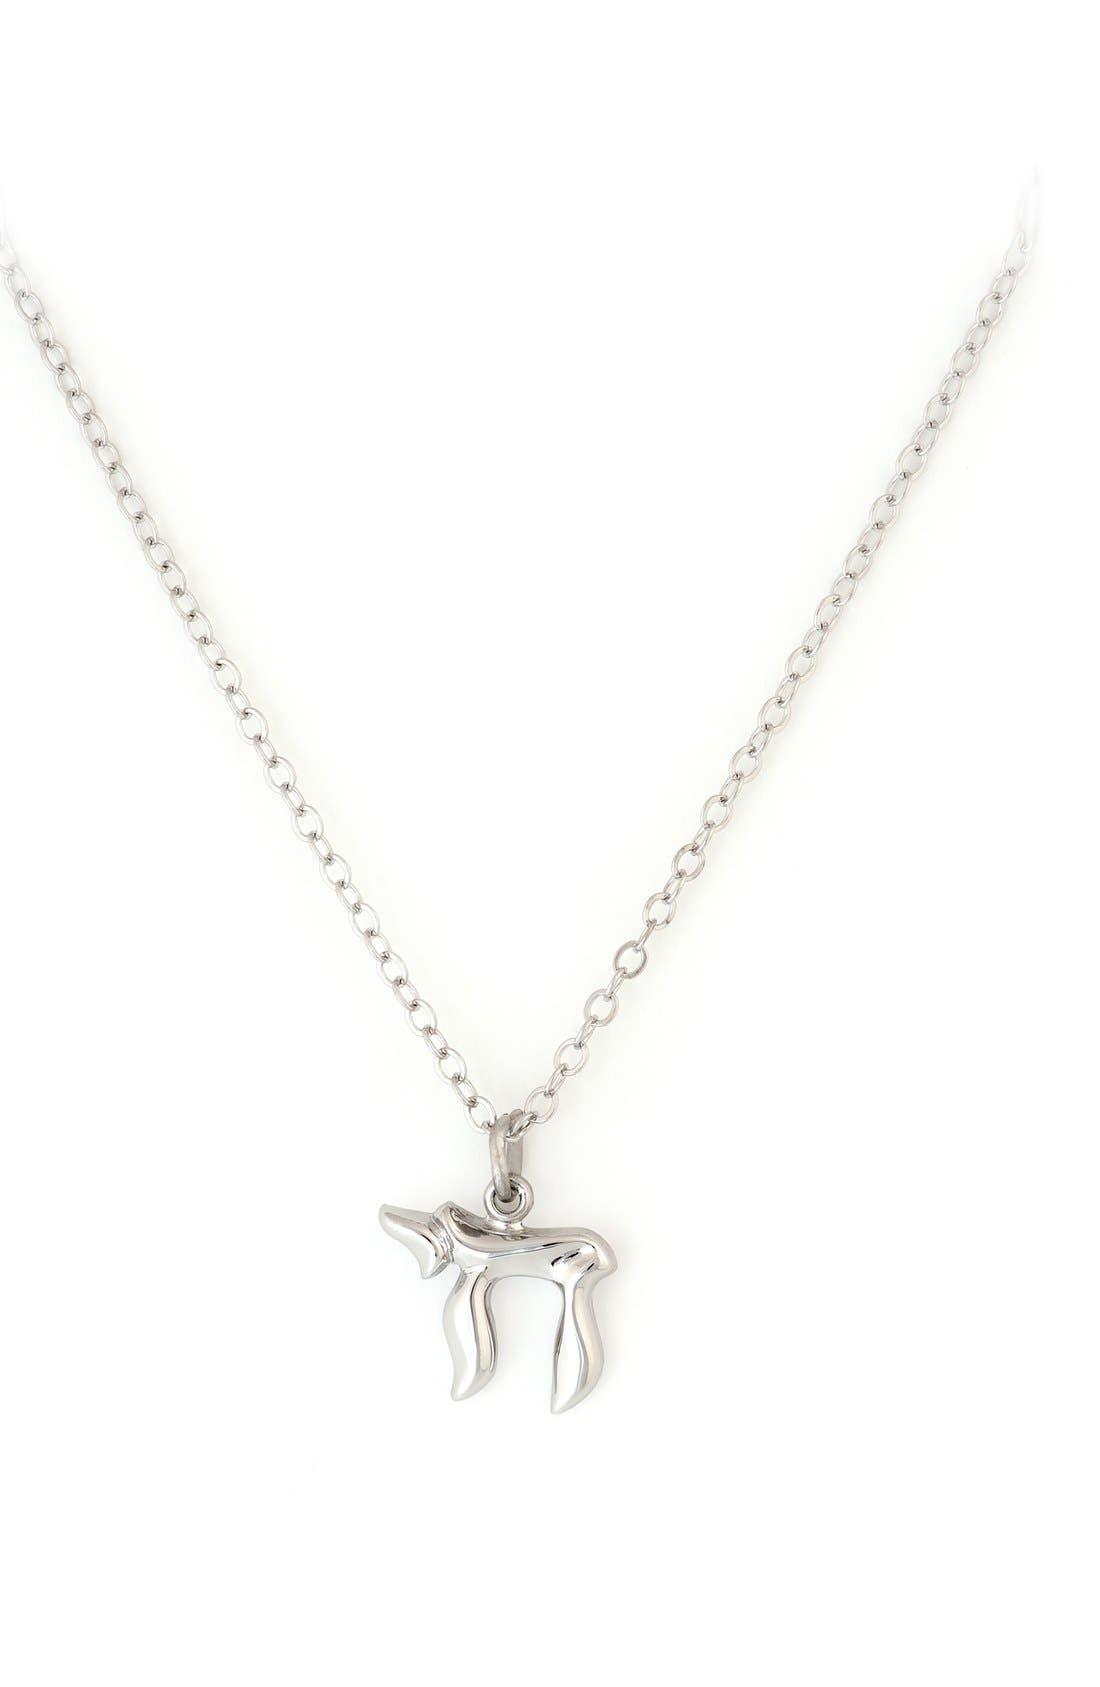 Chai Sterling Silver Pendant Necklace,                         Main,                         color, None